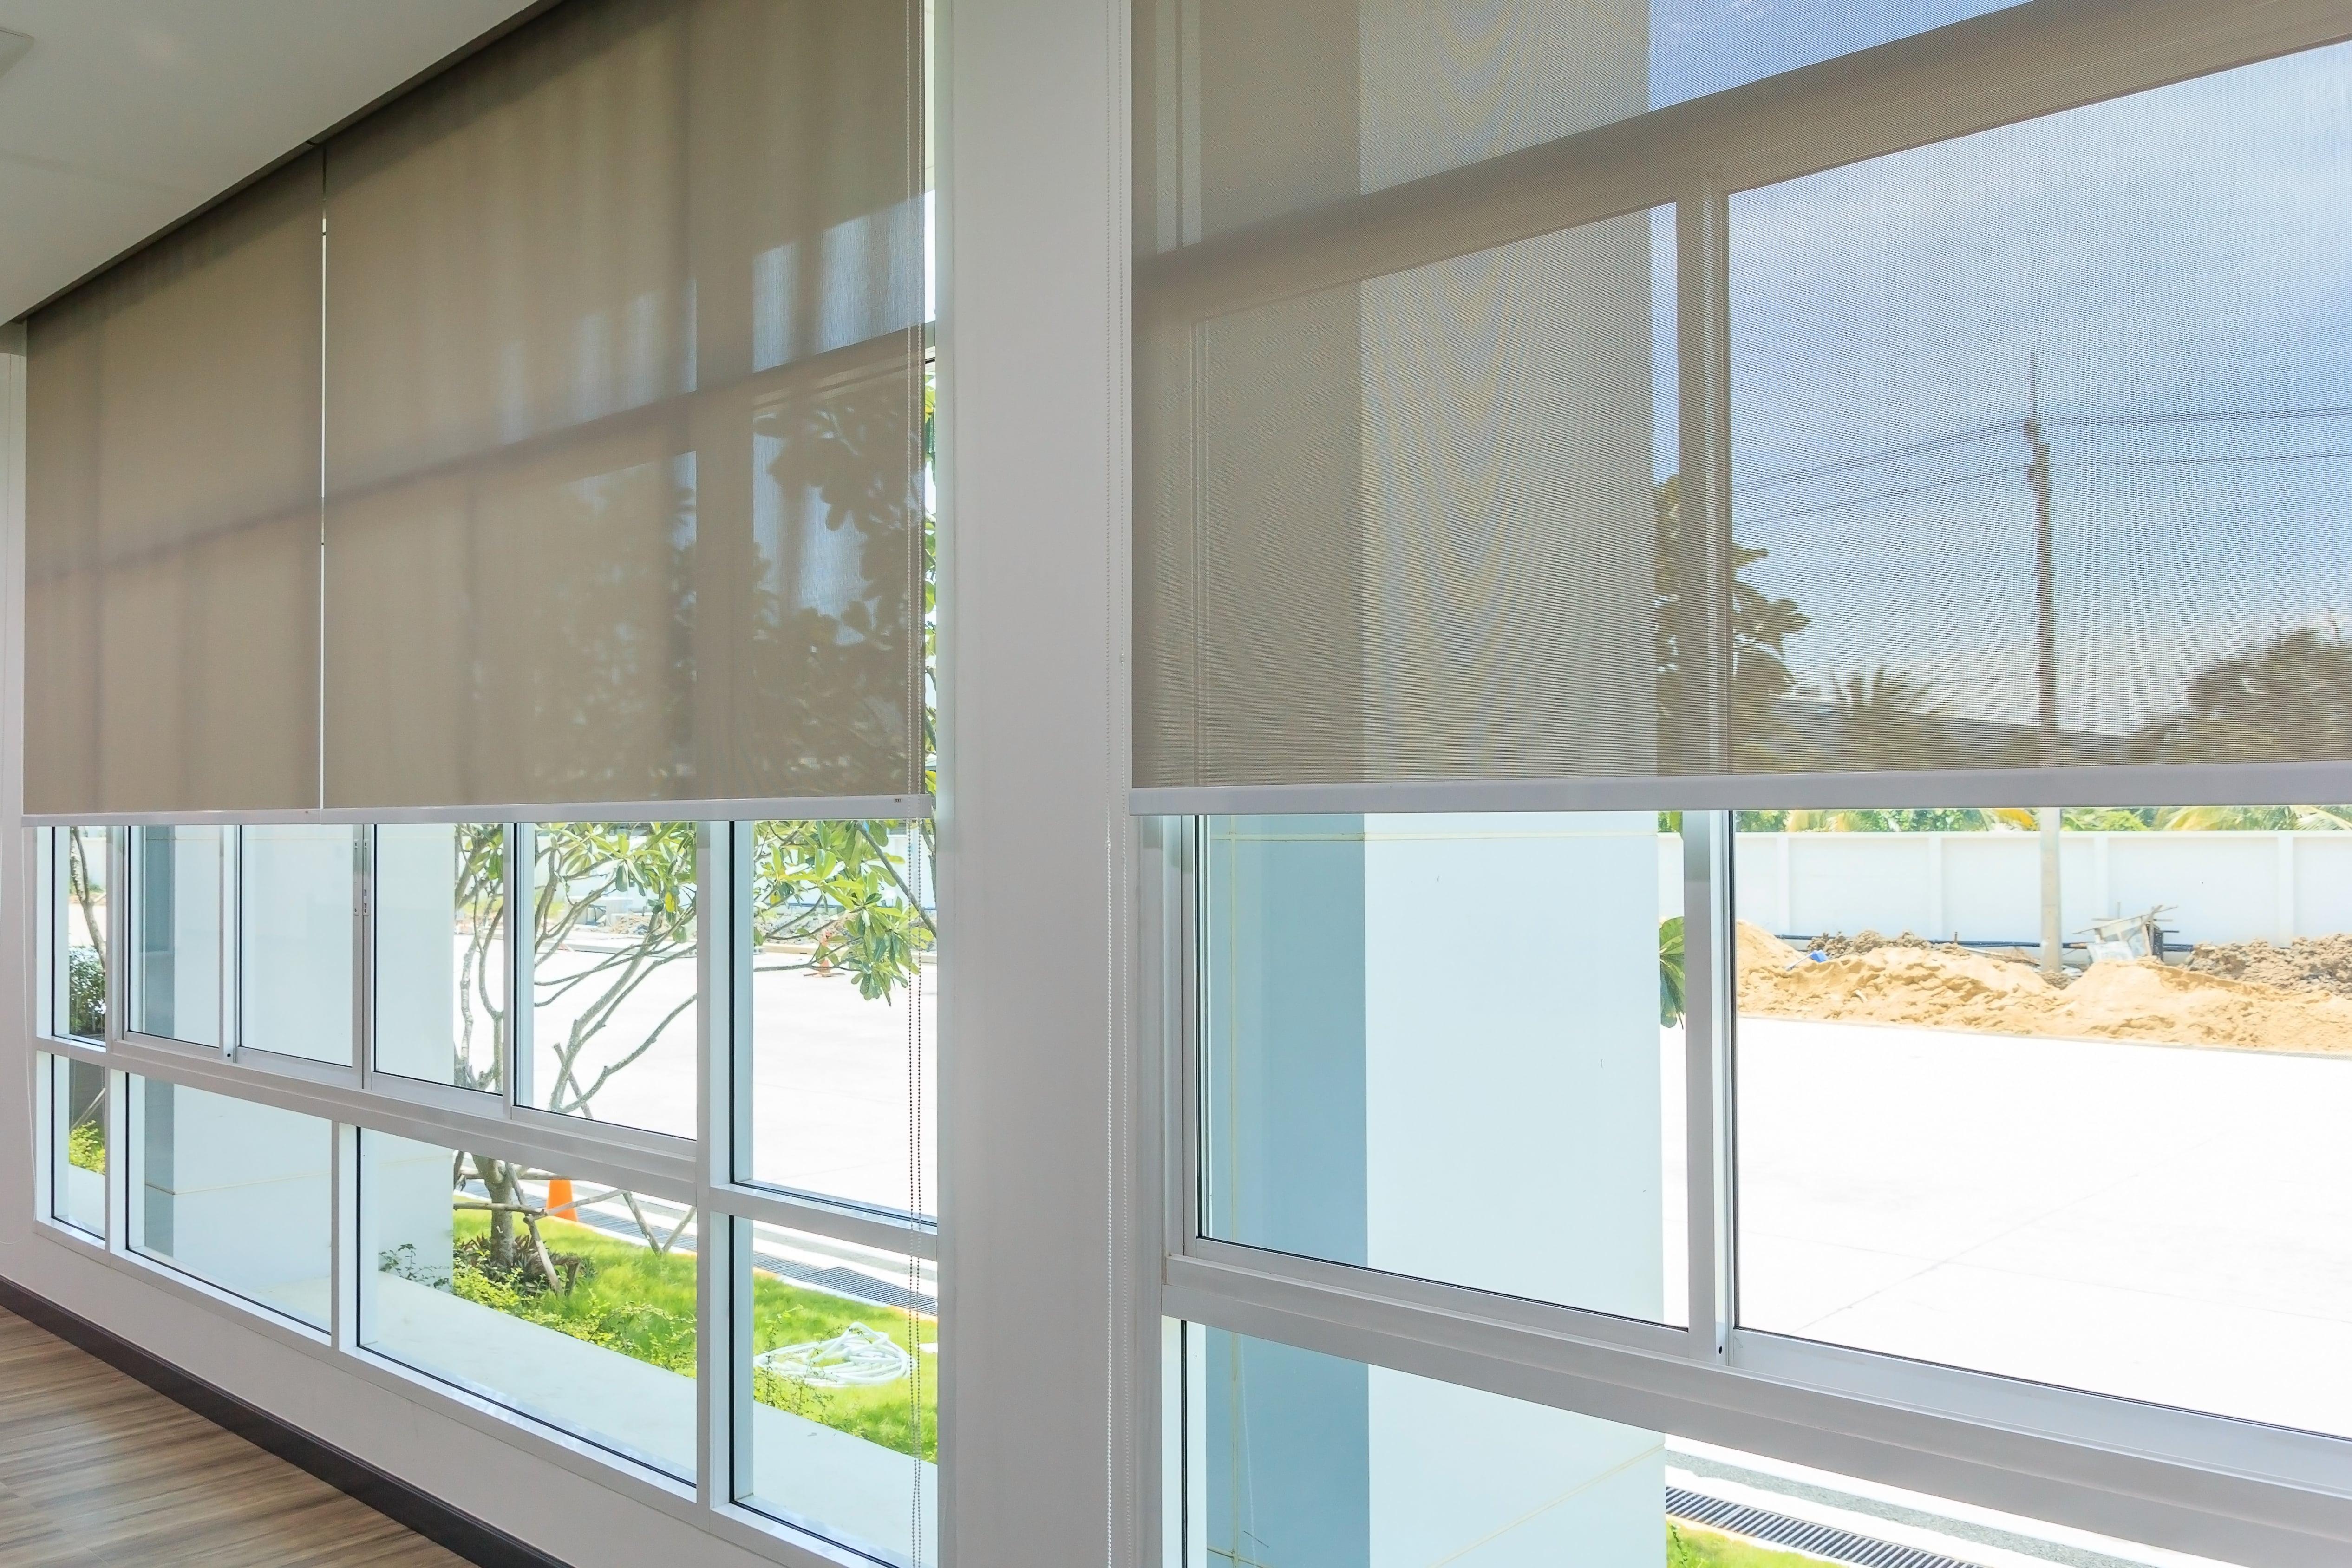 aluminium windows in Lebanon